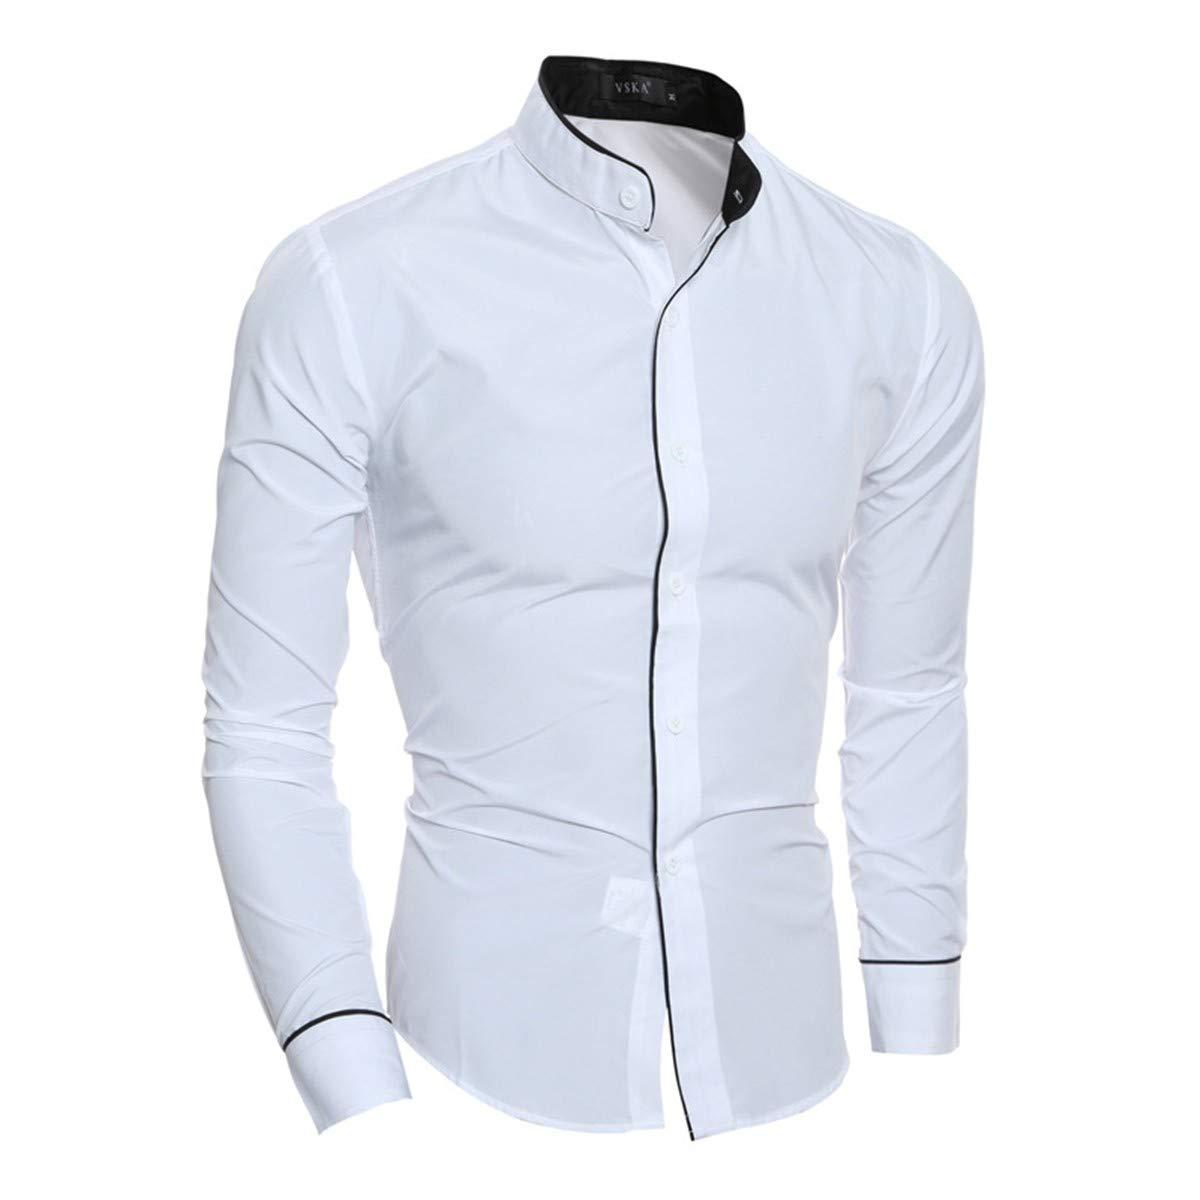 BOKlzZ Collar de pie Casual Color sólido, Color Blanco, XXL Camisa Bambú Fibra Hombre, Manga Larga, Slim Fit, Camisa Elástica Casual/Formal para Hombre: Amazon.es: Deportes y aire libre